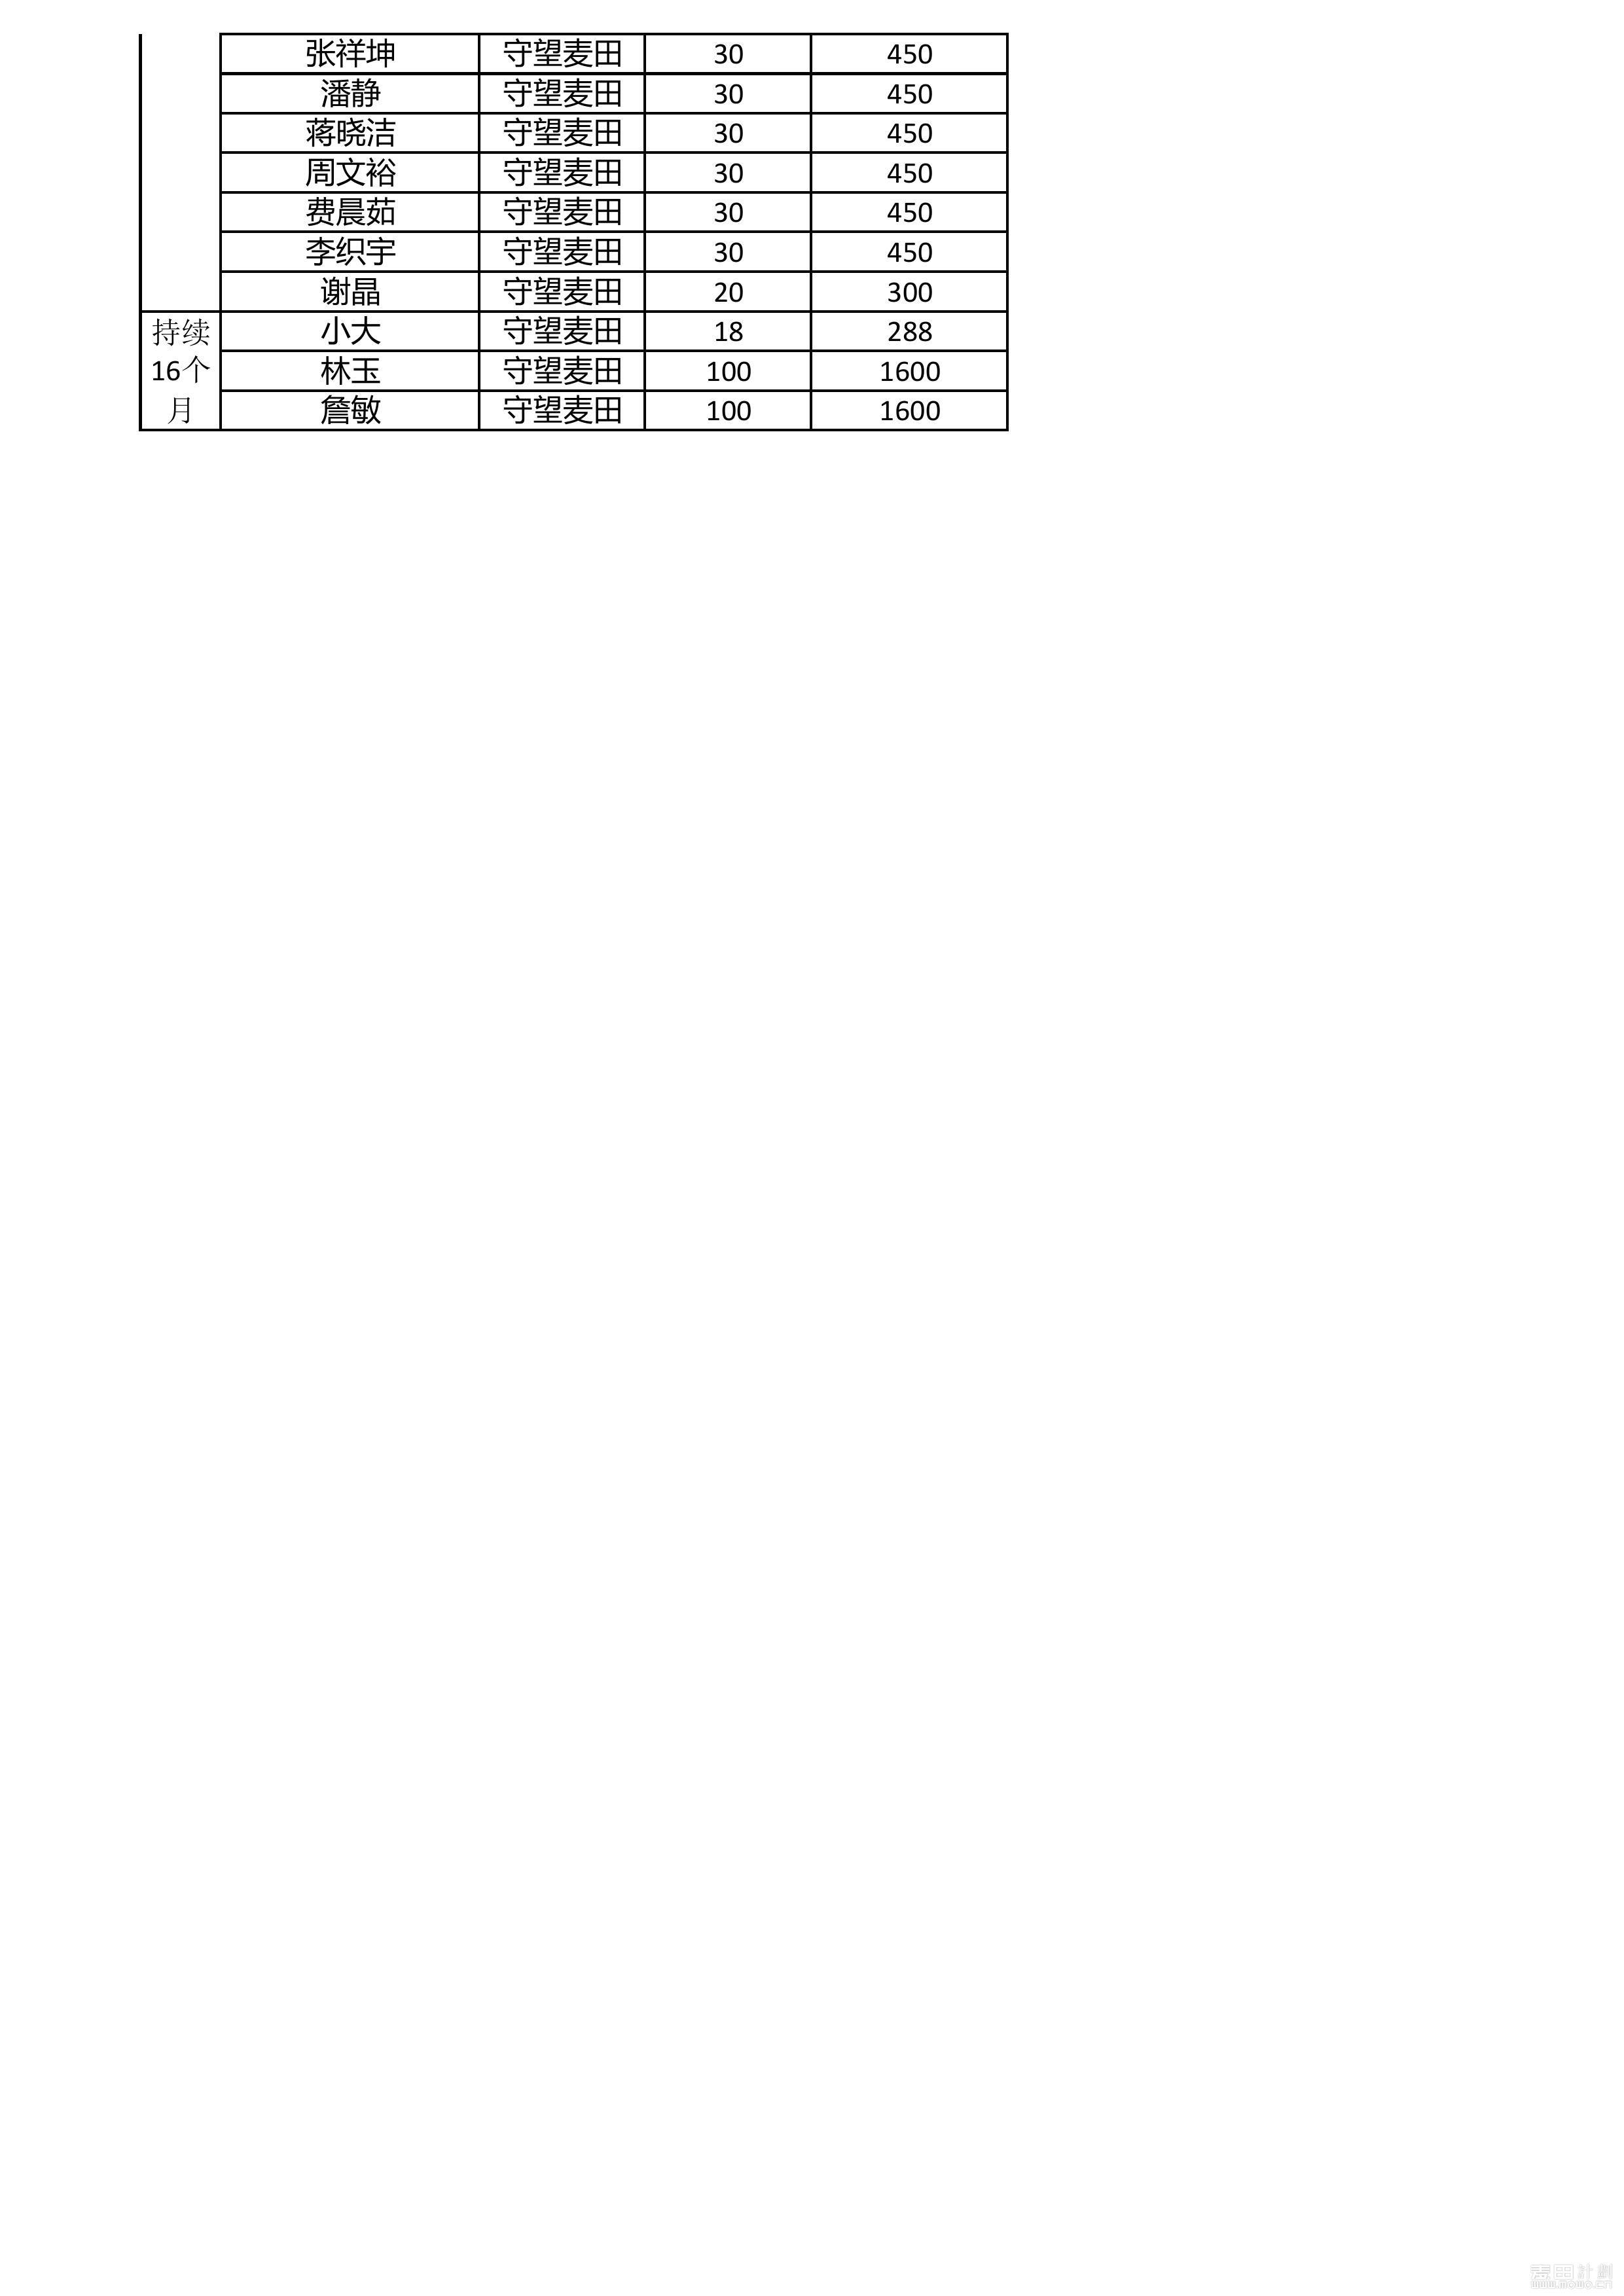 麦爱基金 守望2020年支付记录(定稿)-17.jpg